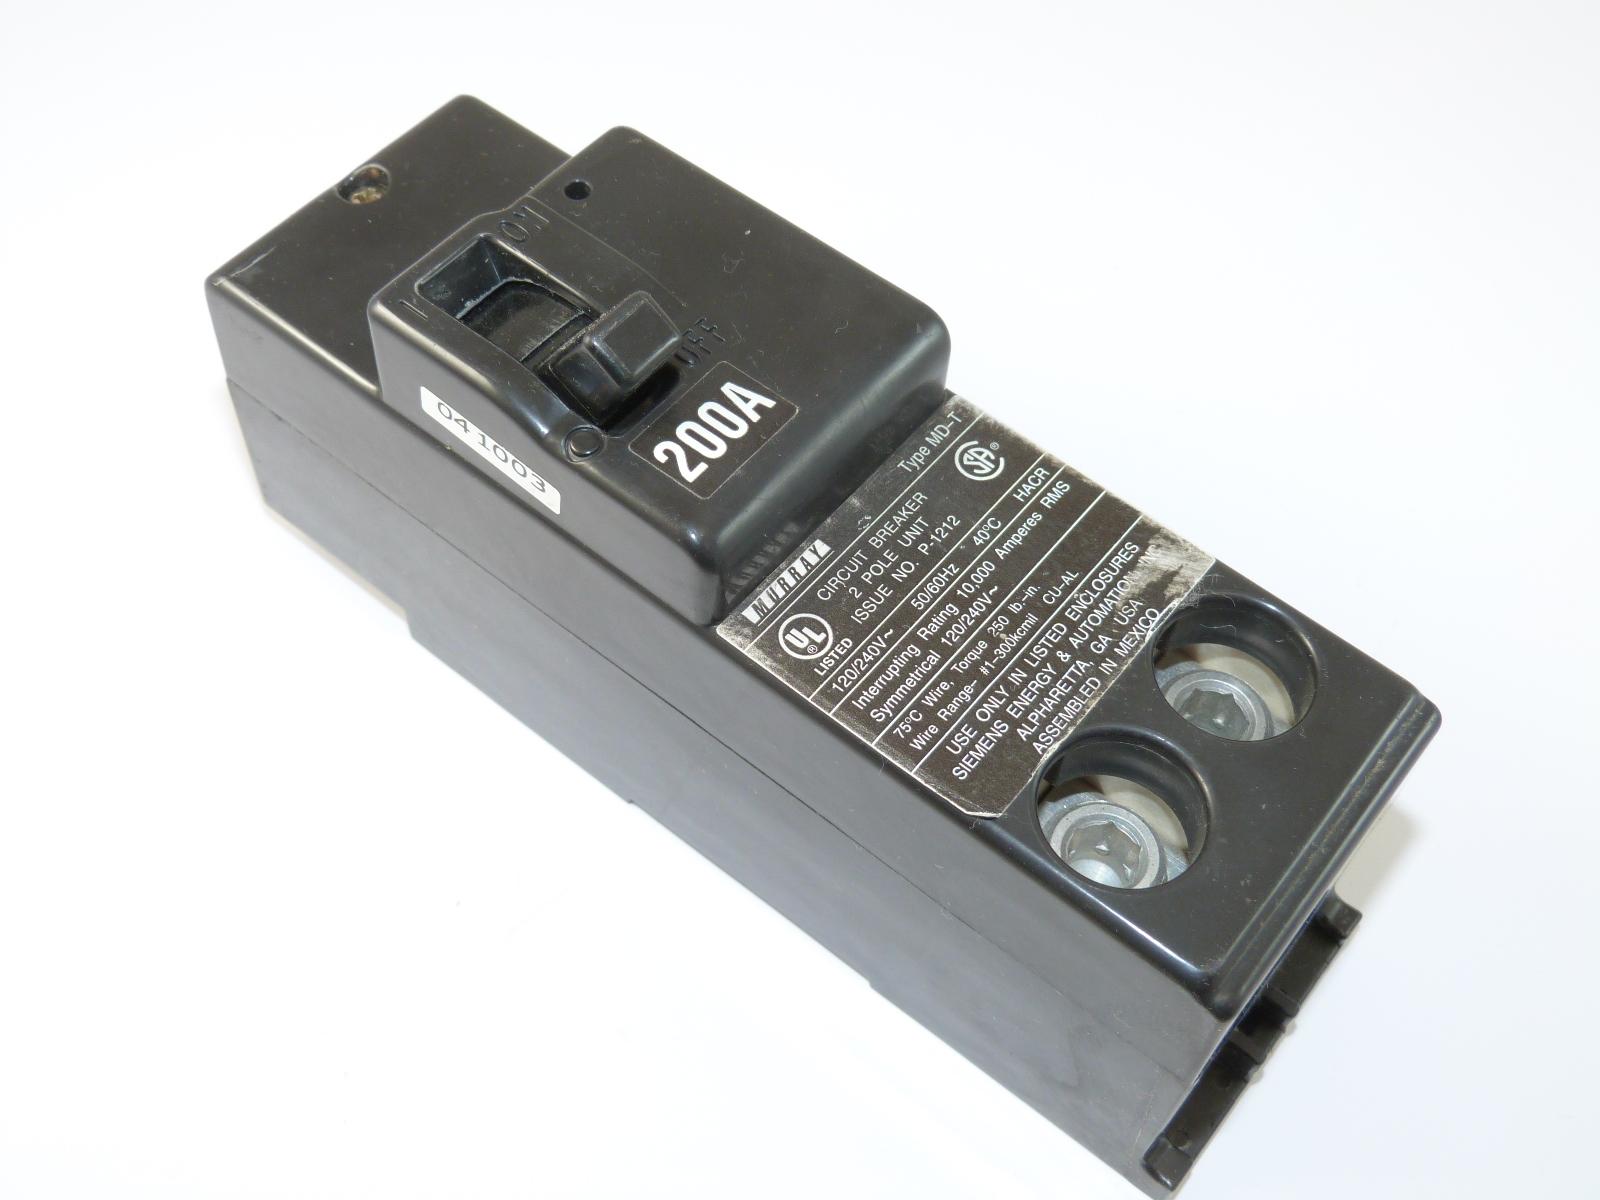 MPD2200